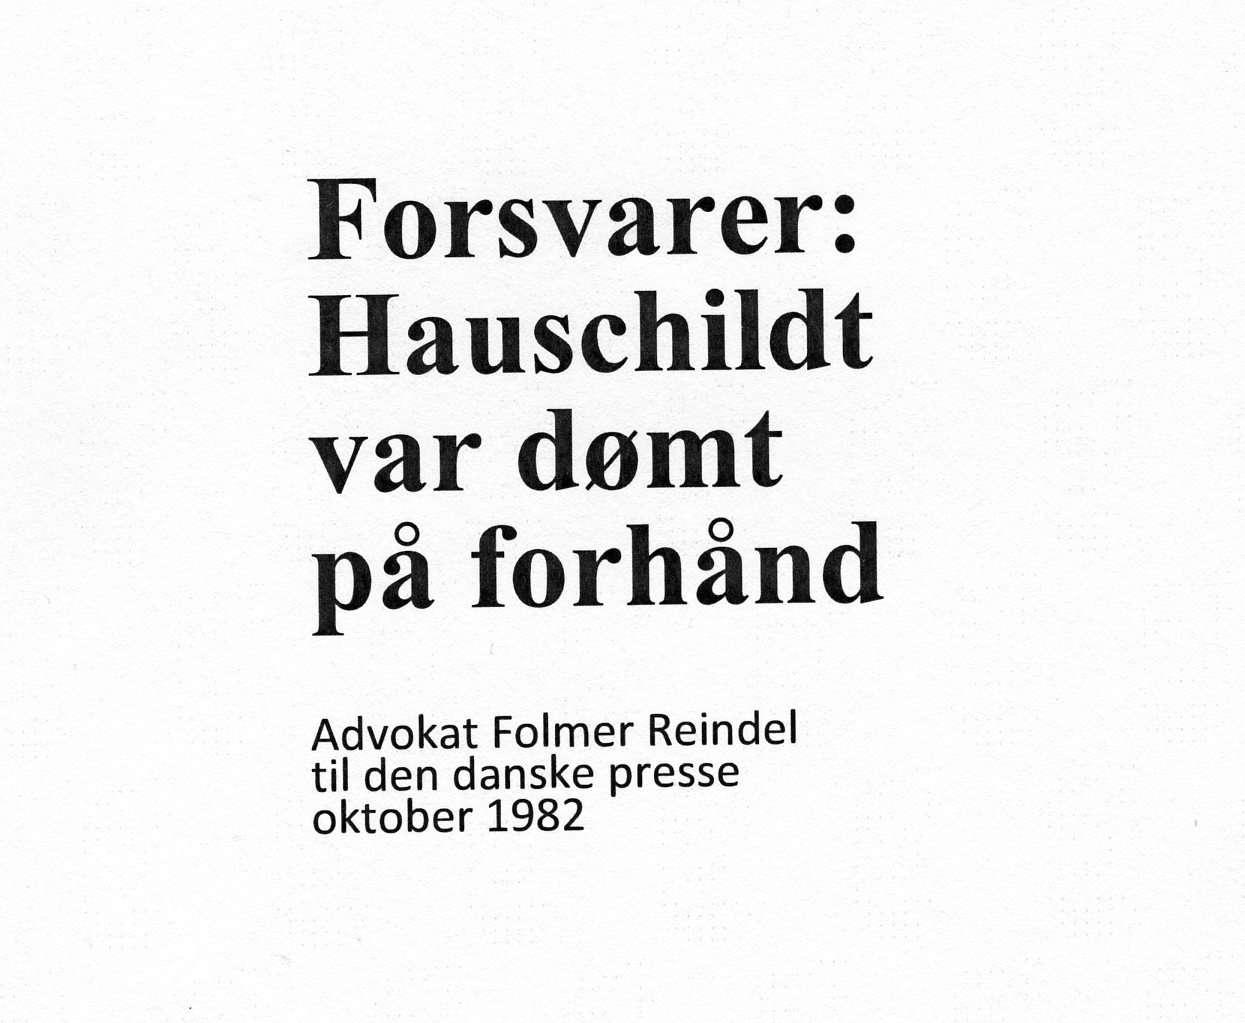 Quotes in Danish - no edit (14)